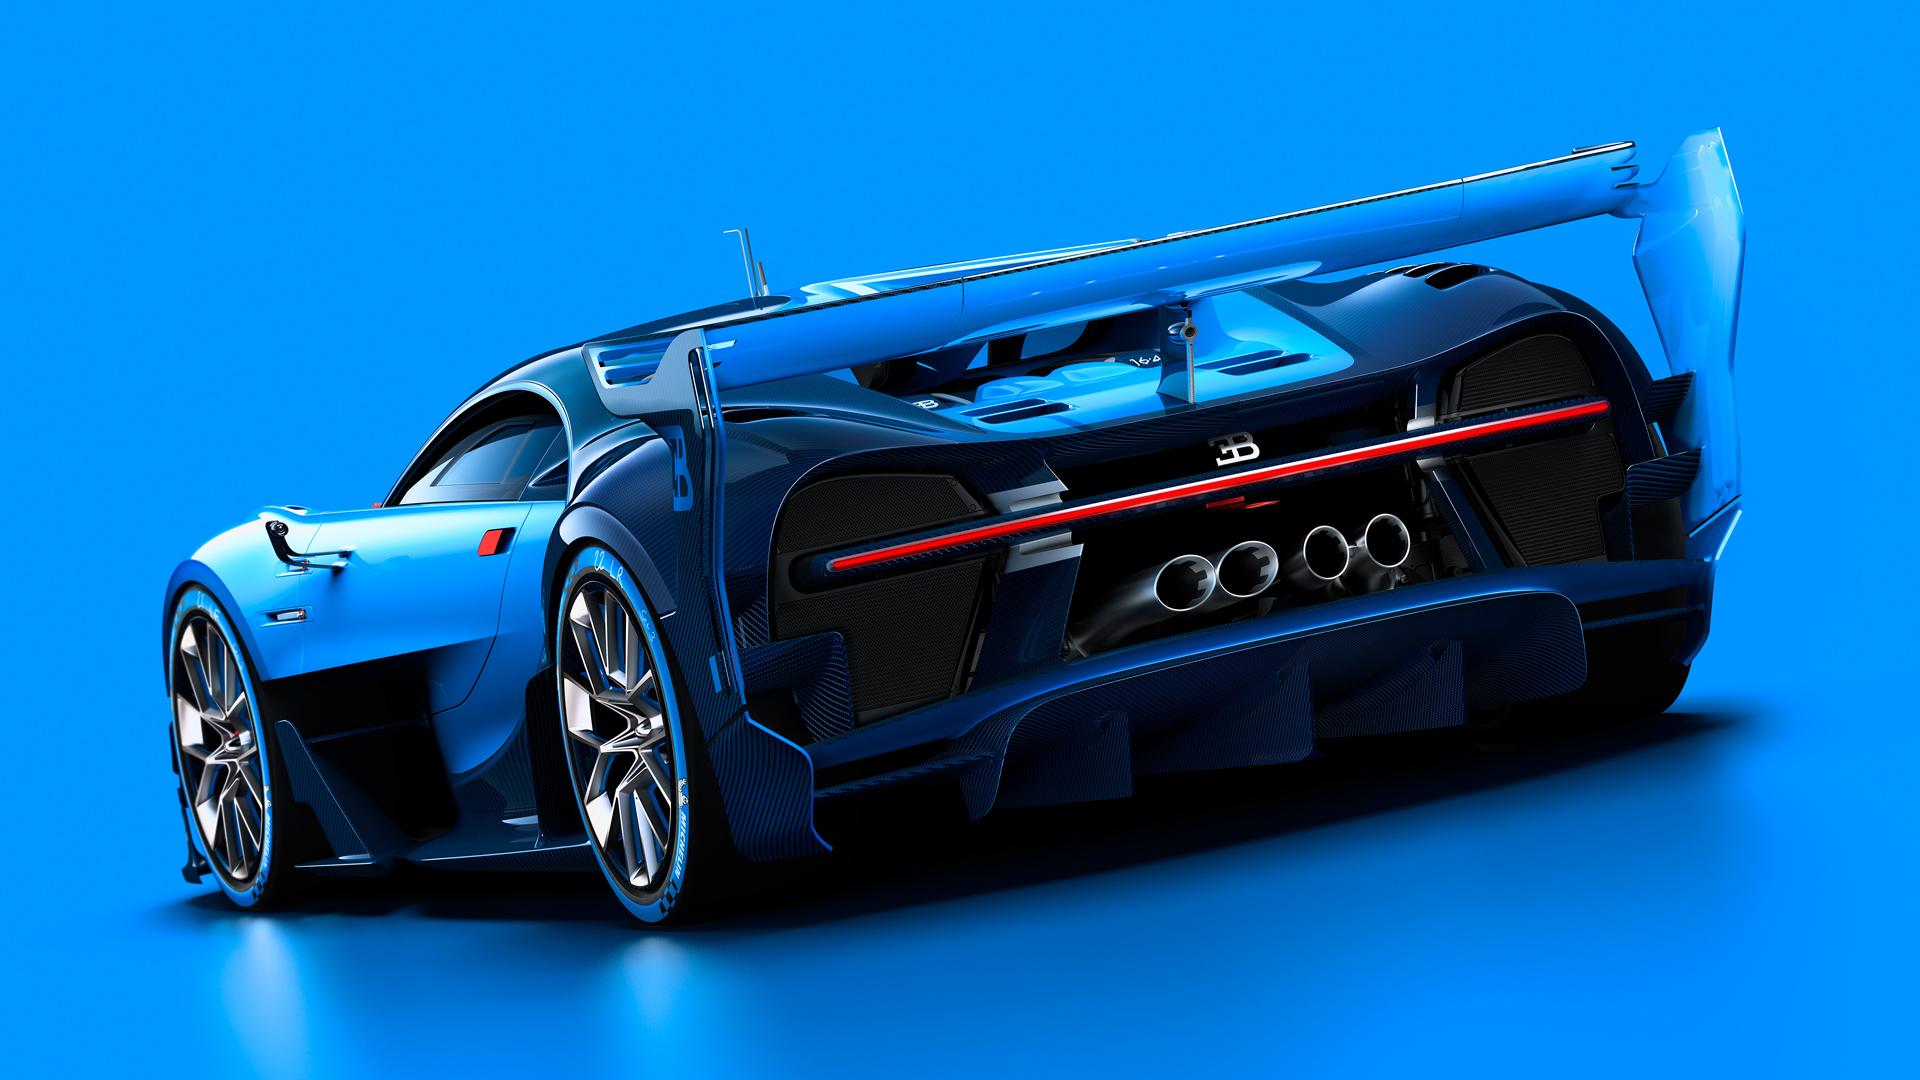 Bugatti_Vision_GranTurismo_reveal_7